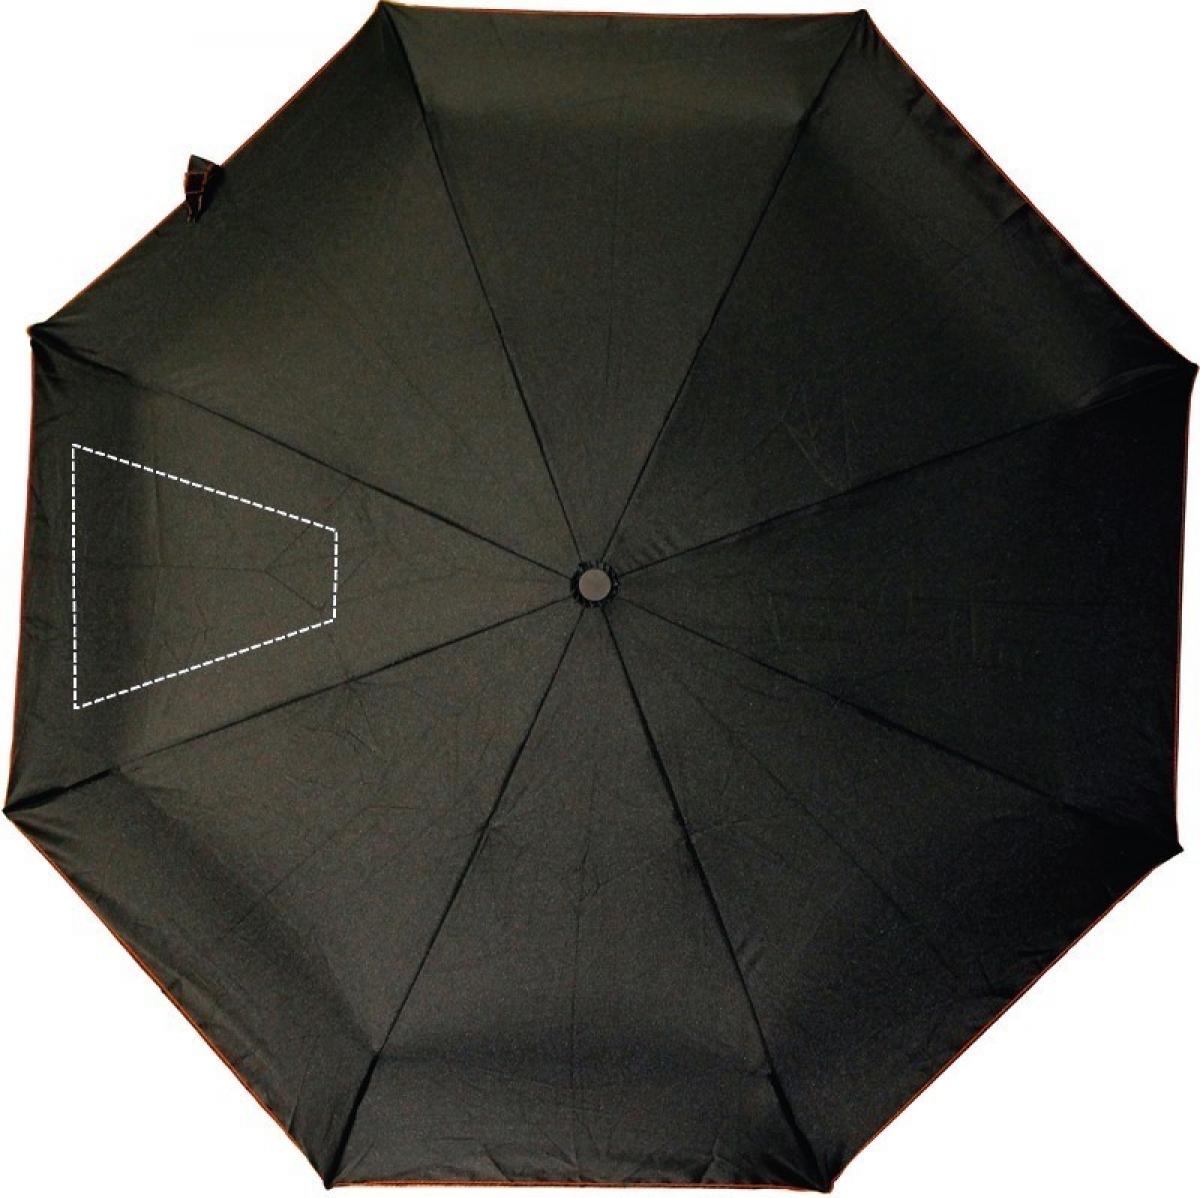 Skye foldable opvouwbare paraplu - Panel 3